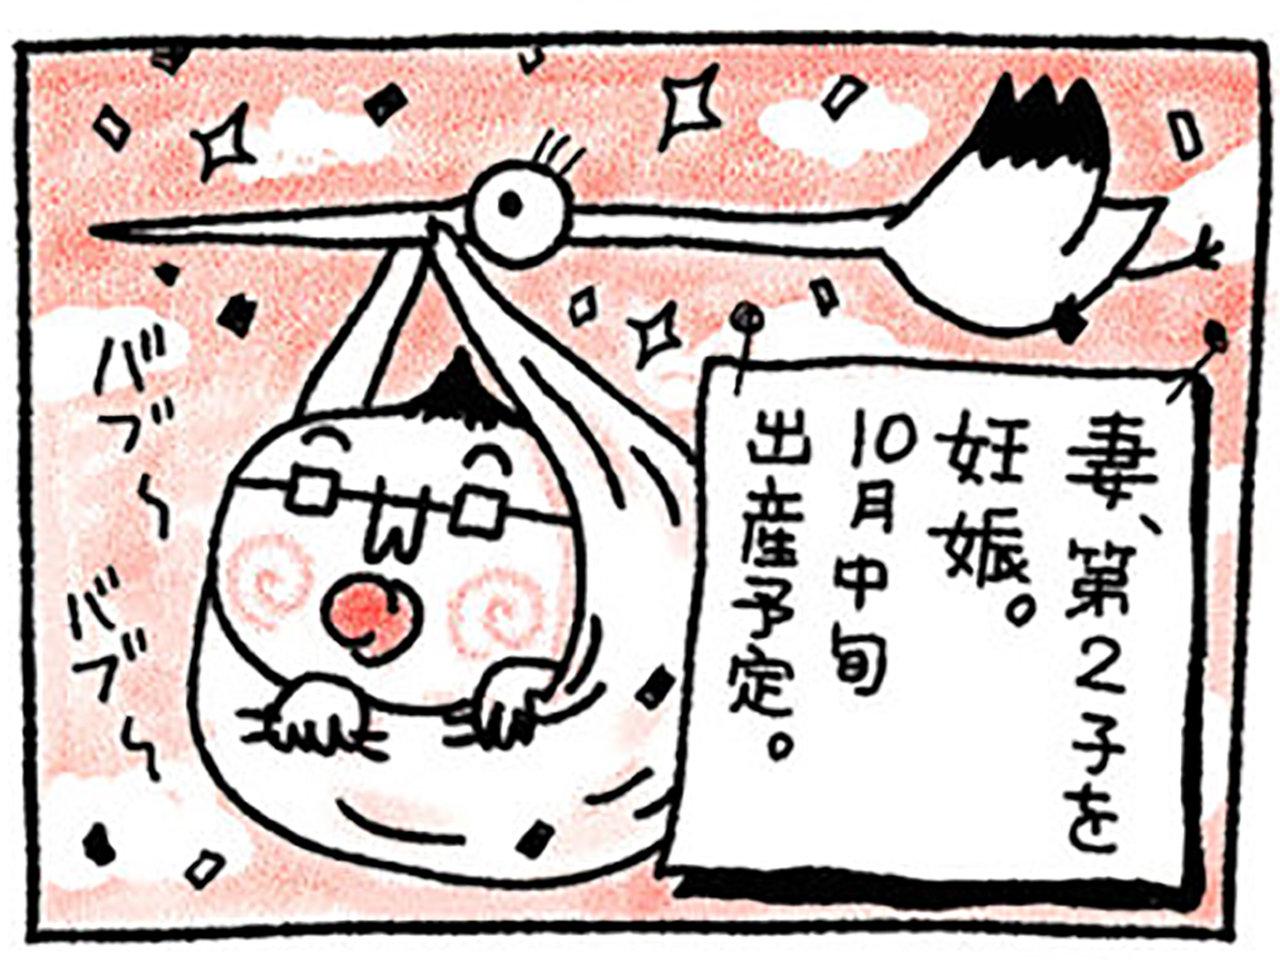 メガネ父ちゃんビクビク日記 第9話